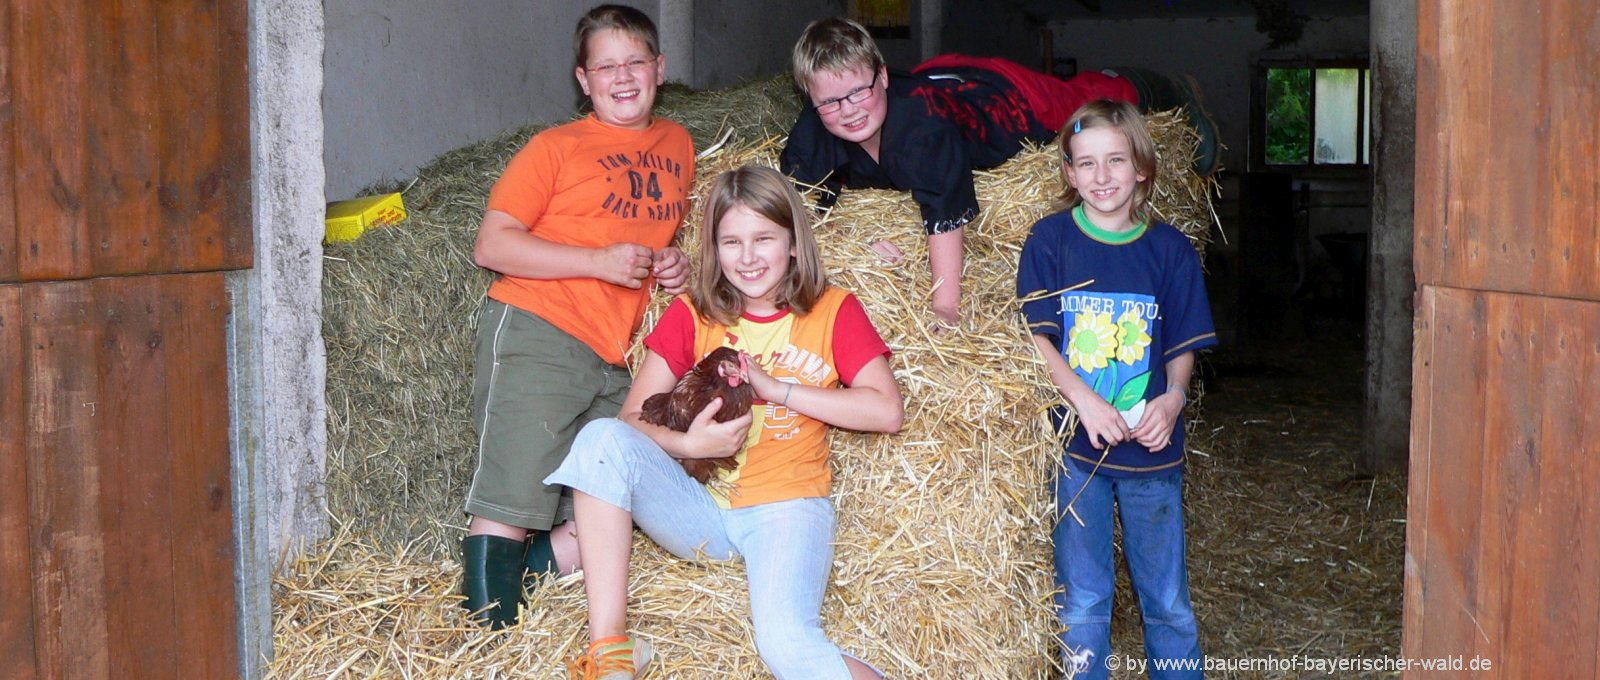 Bayerischer Wald Kurzurlaub mit Kindern am Bauernhof in Bayern